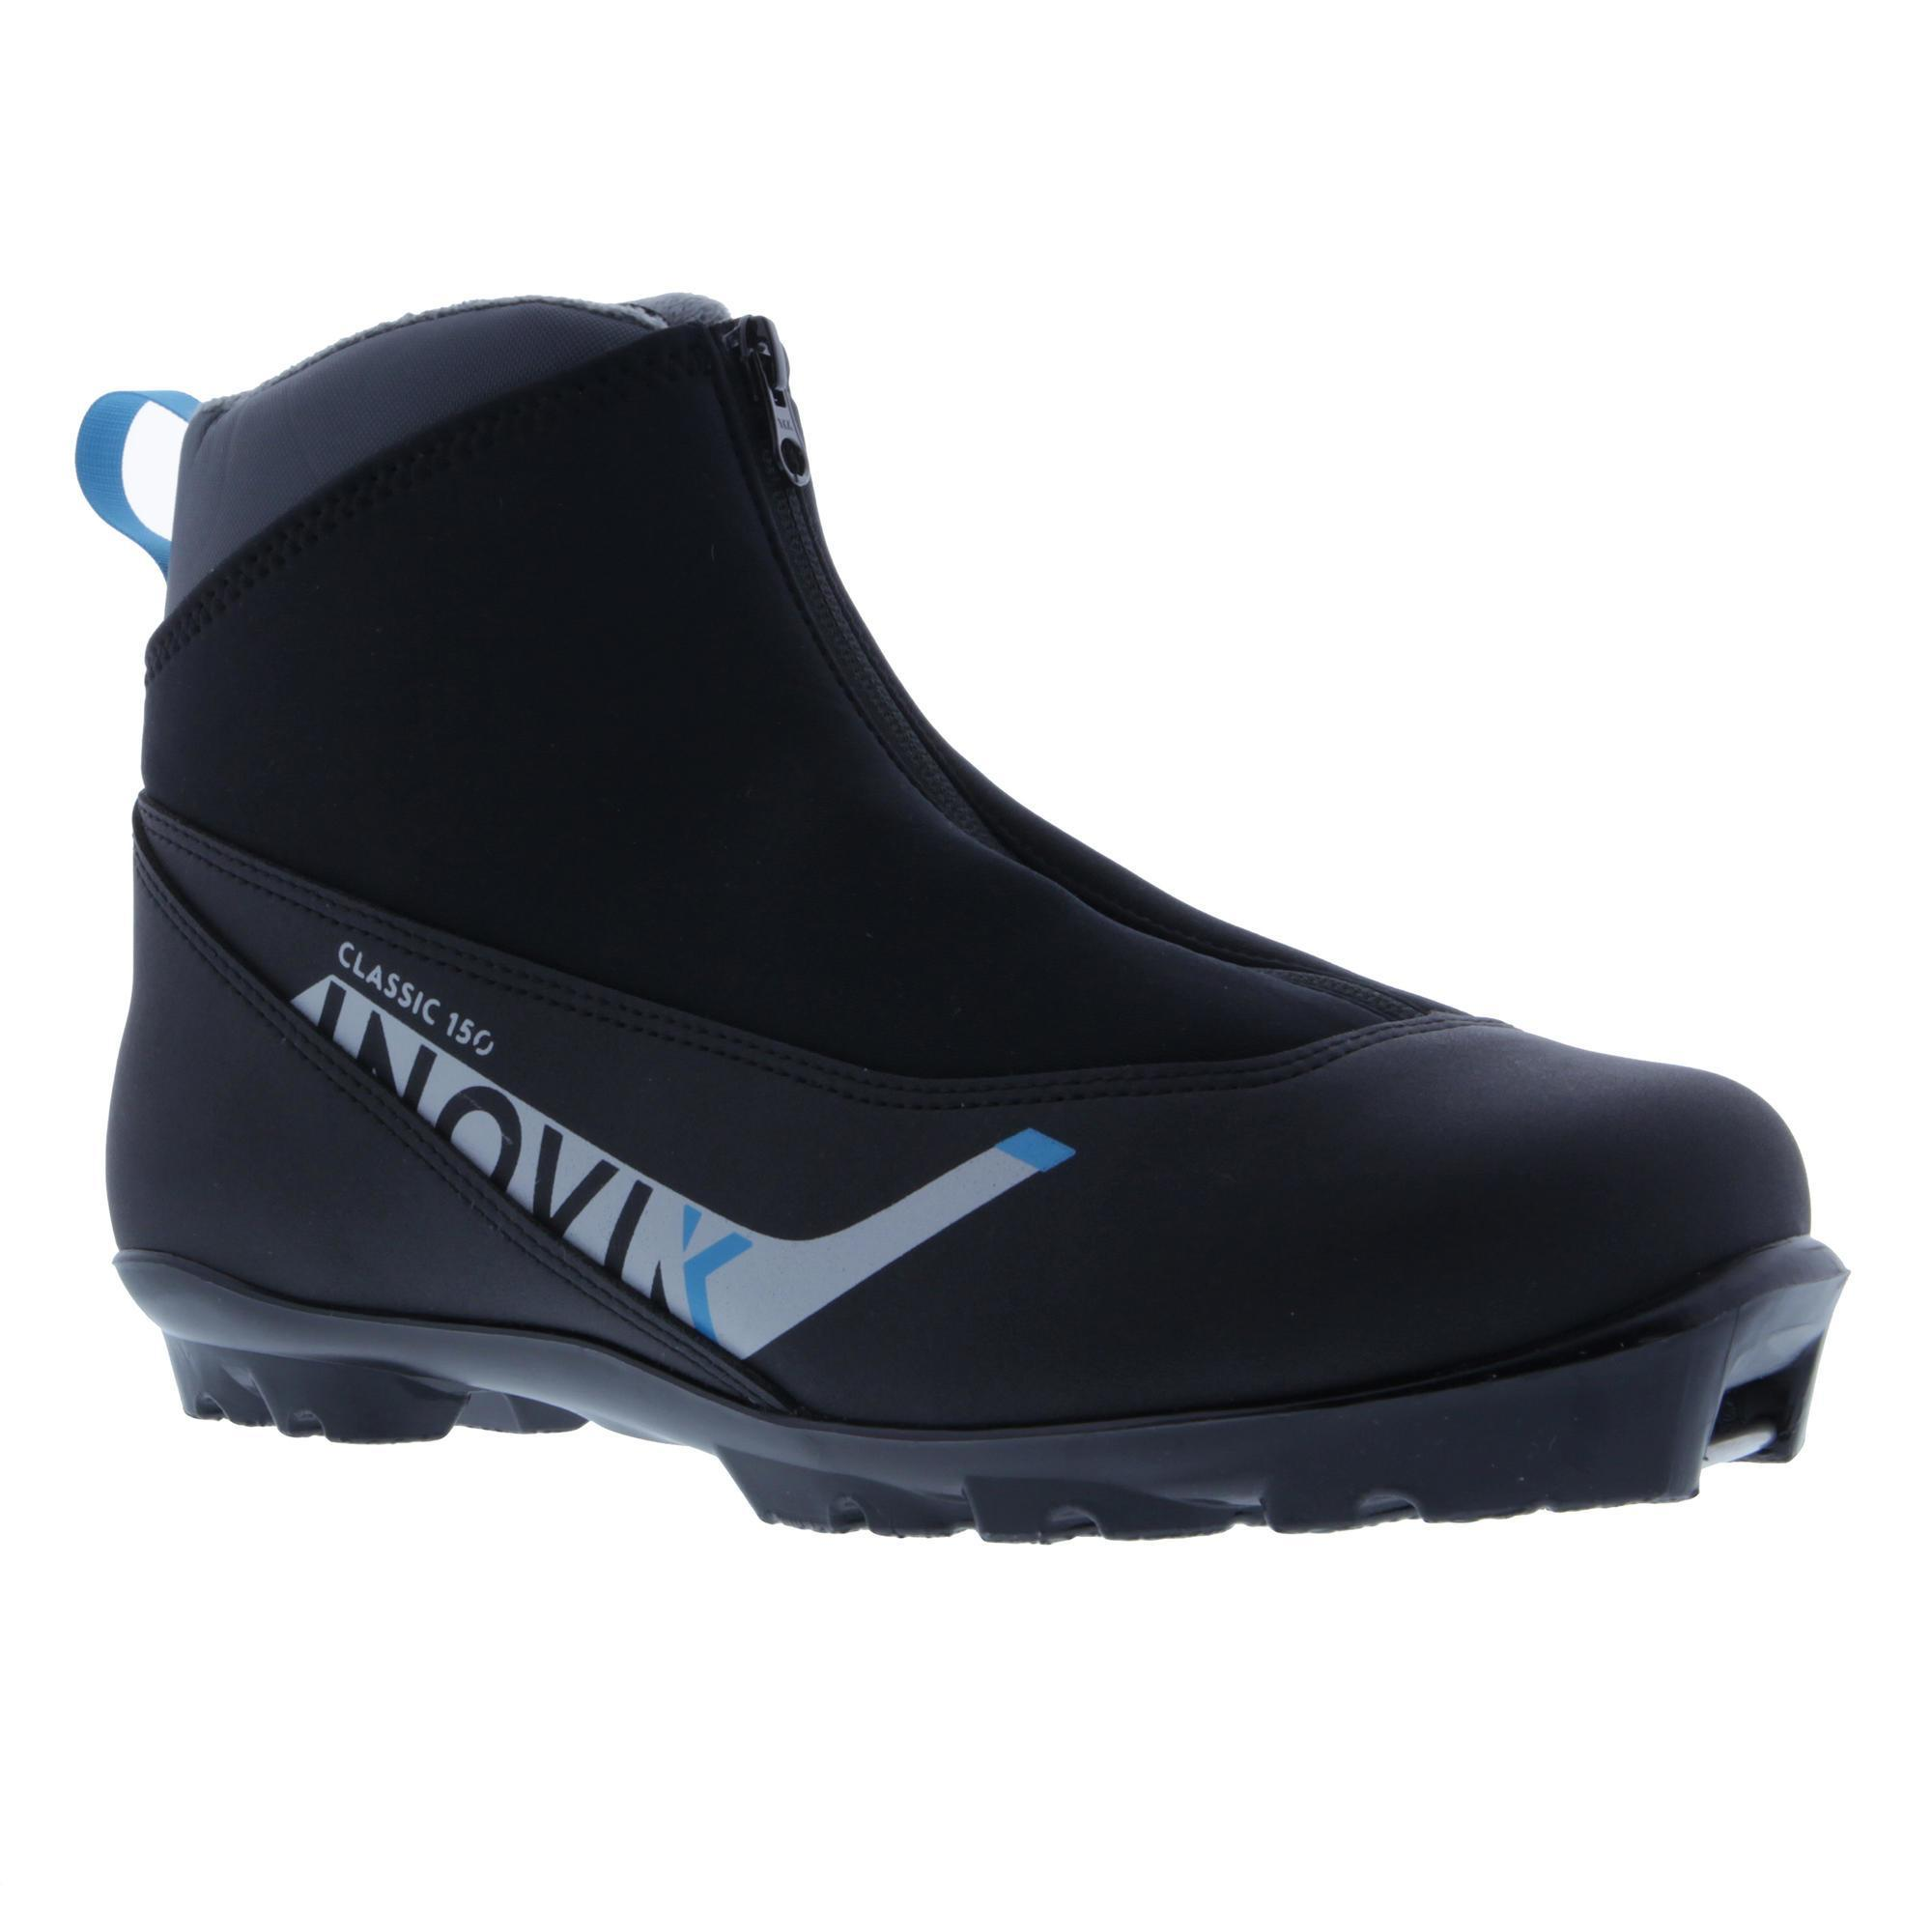 Inovik Skischoenen voor klassiek langlaufen kinderen XC S Boots 150